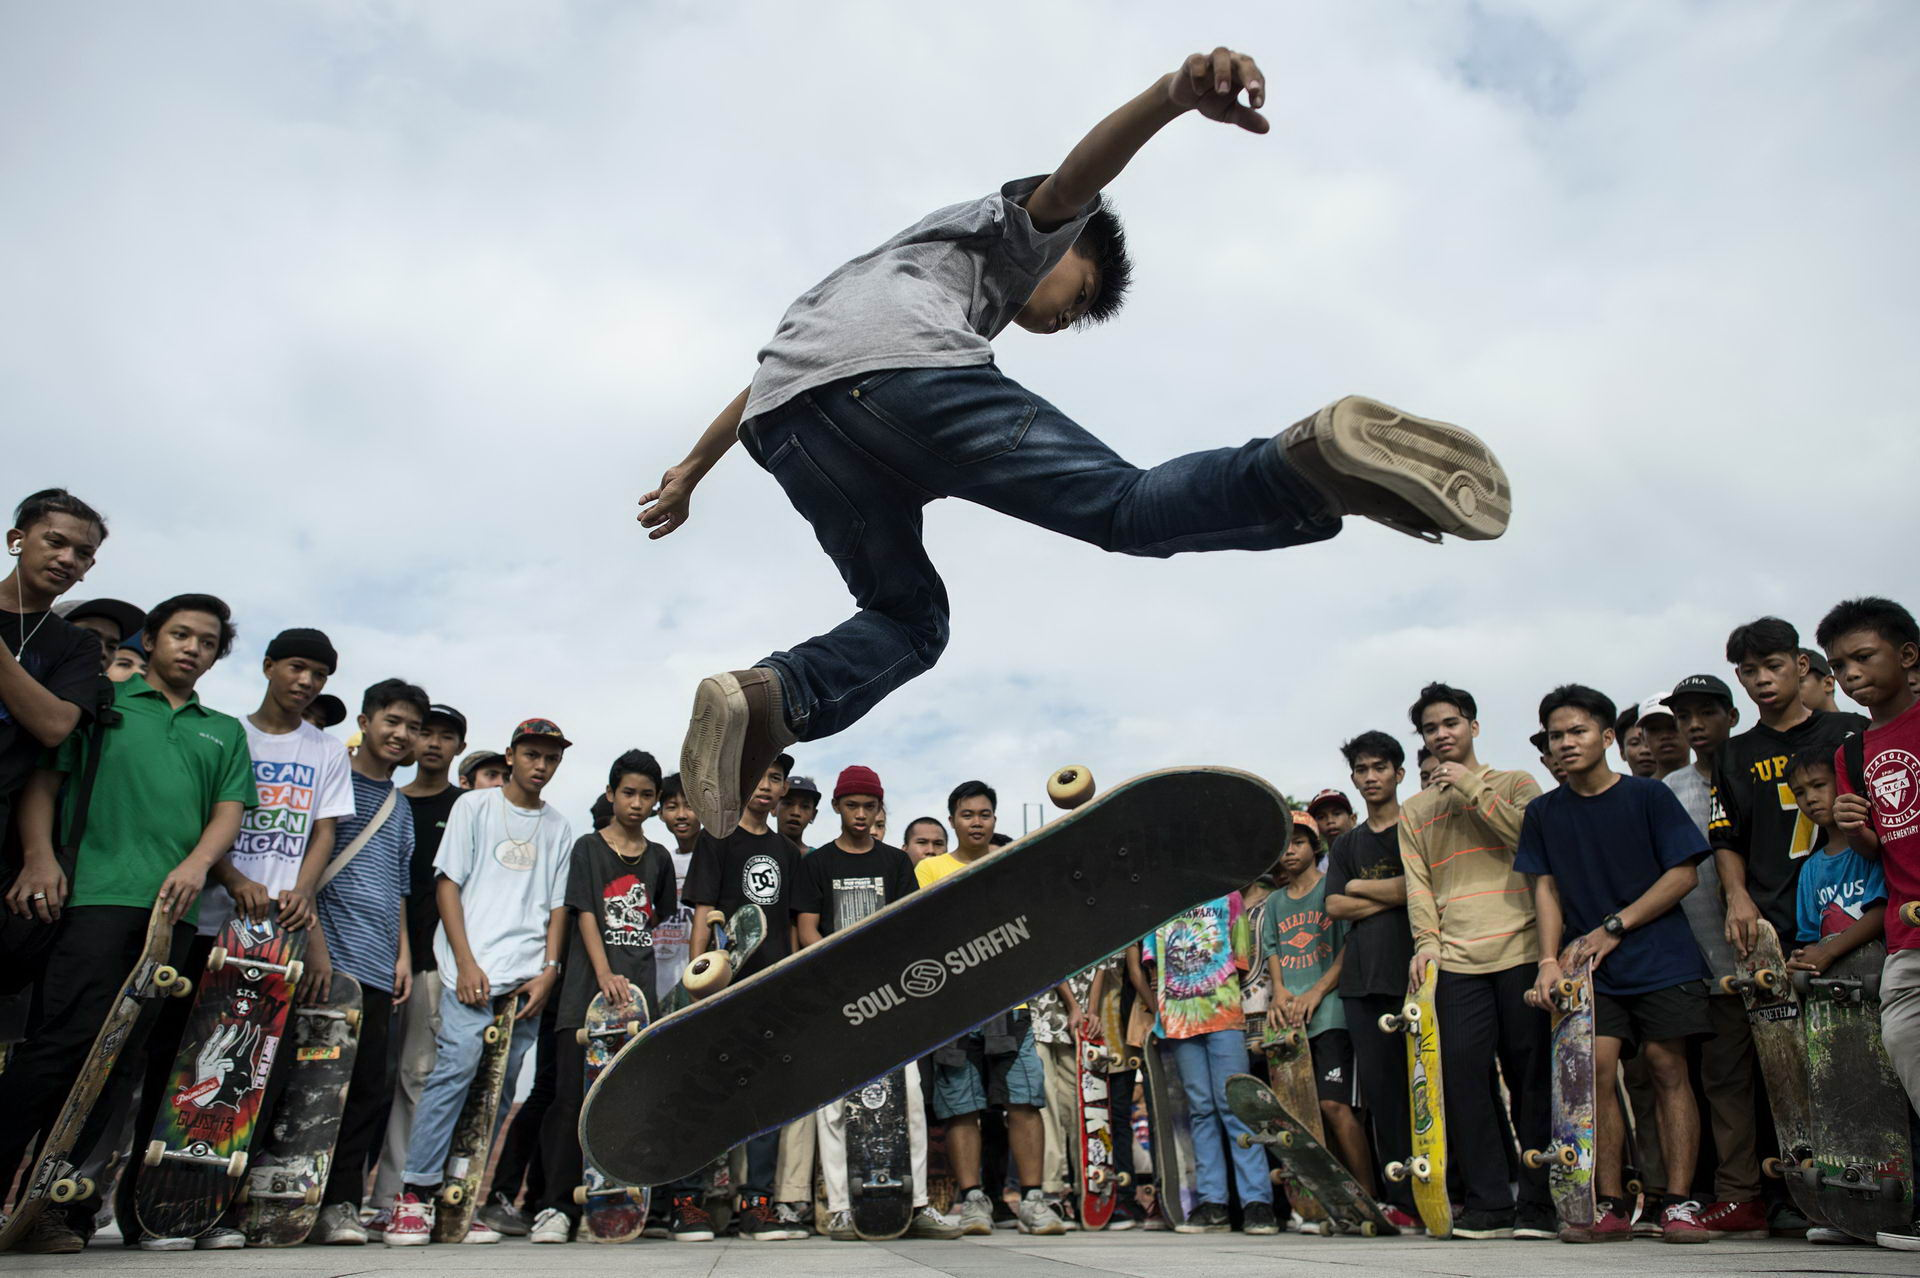 PHILIPPINES-LIFESTYLE-SKATEBOARDING